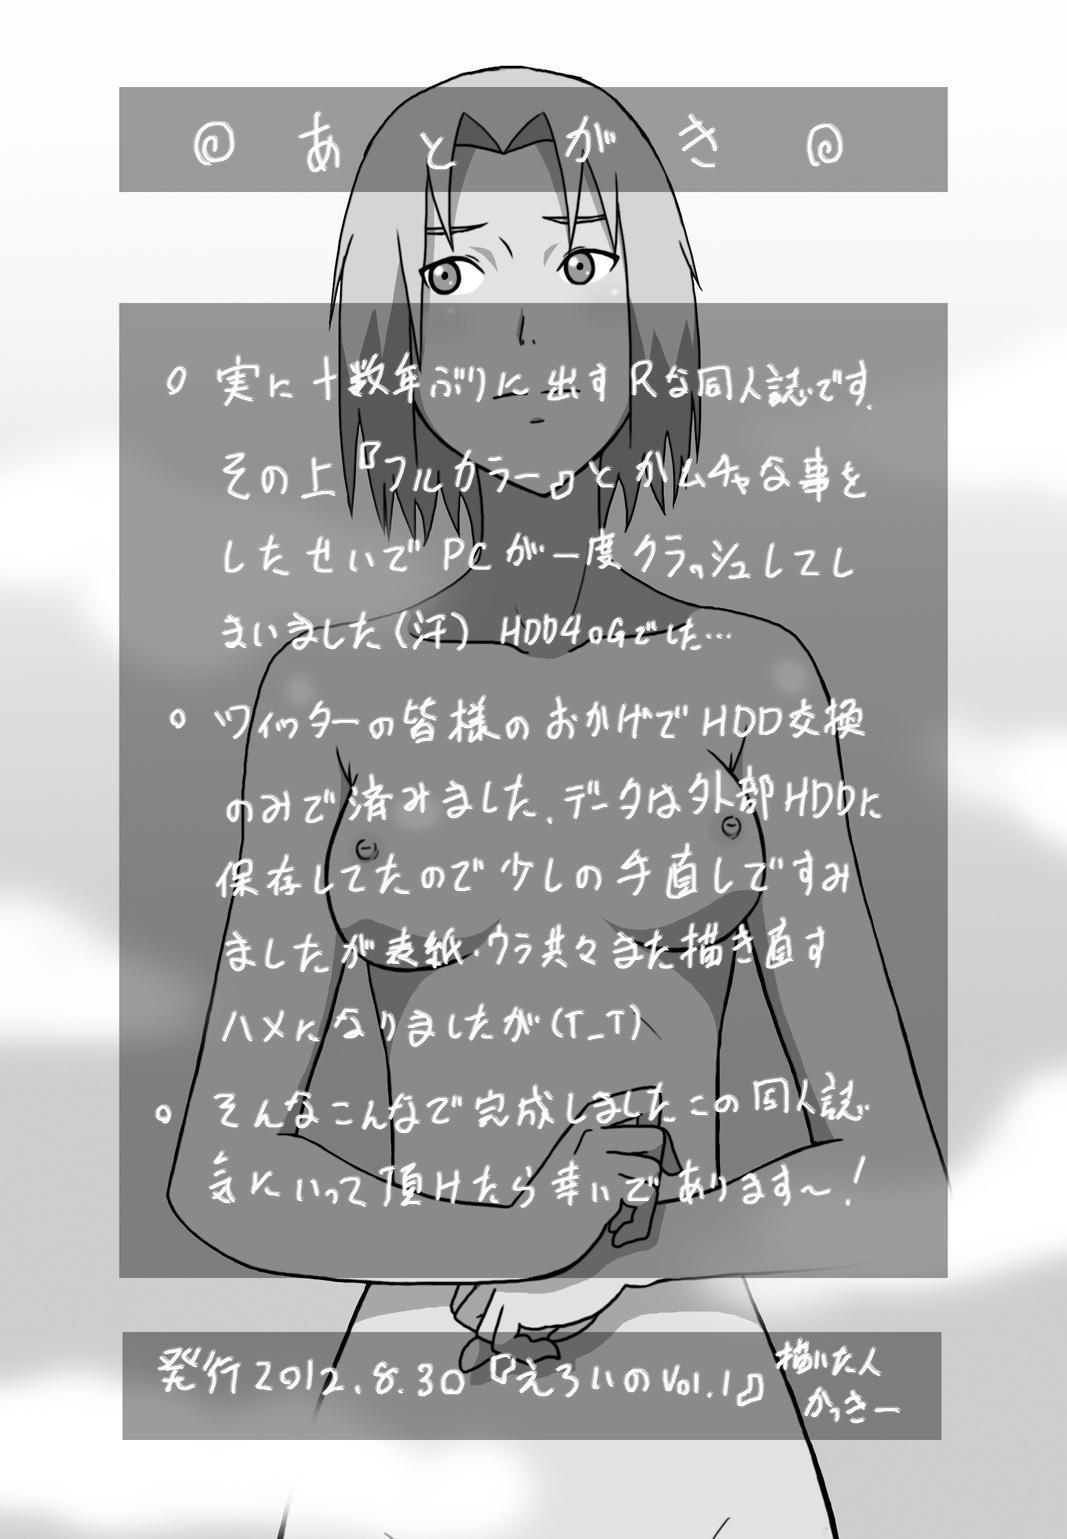 「Eroi no」 Vol.1 32